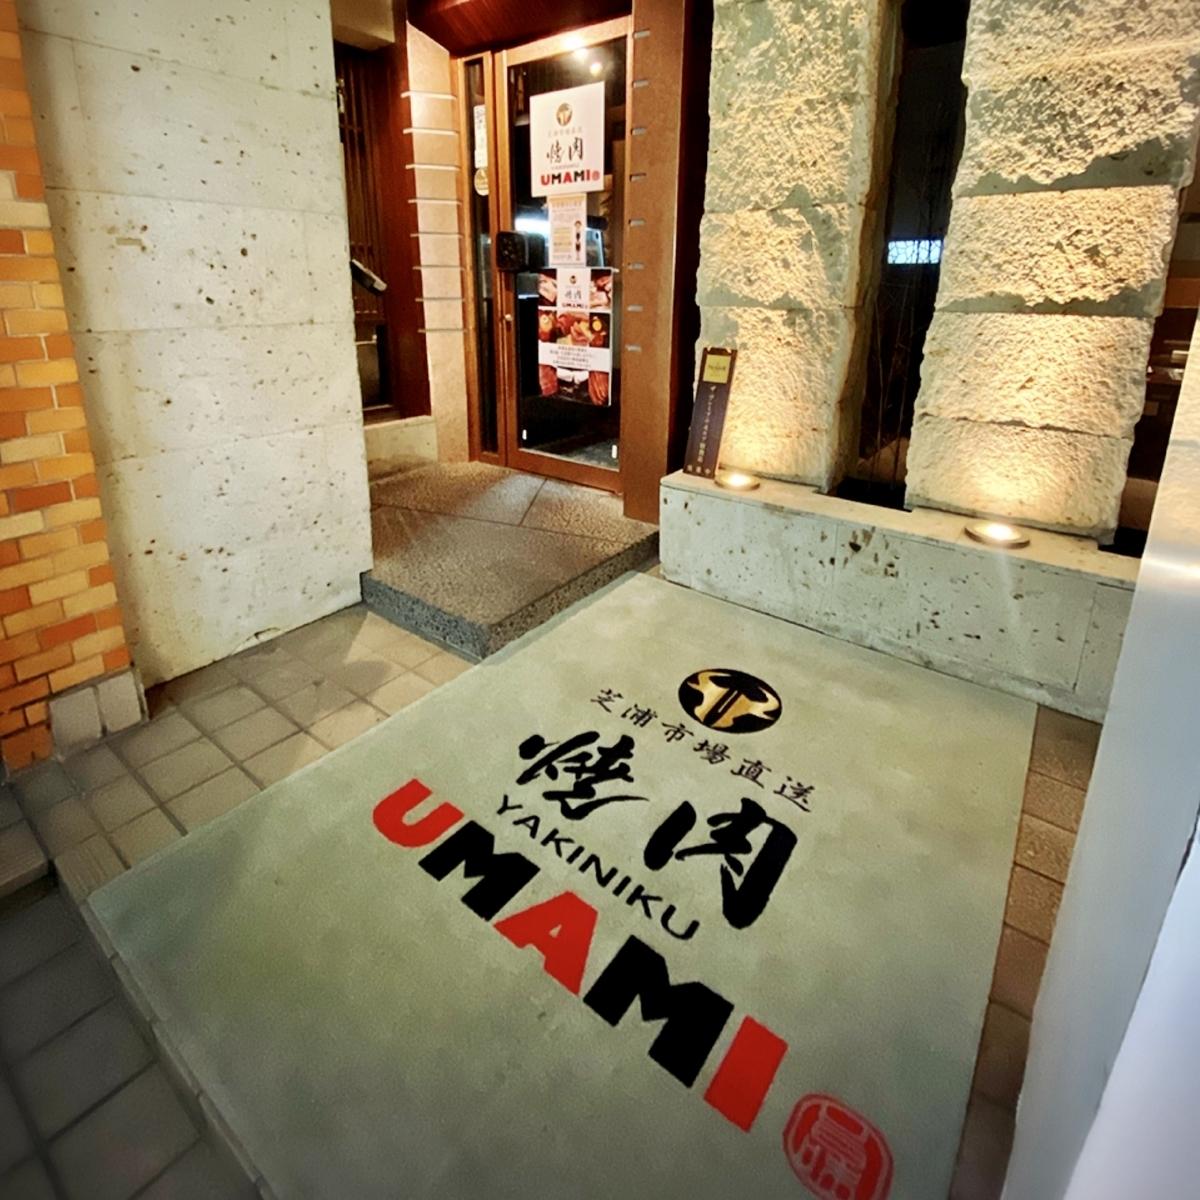 「焼肉UMAMI 飯田橋店」は飯田橋でデートから宴会まで多岐に渡って利用できる焼肉屋でした